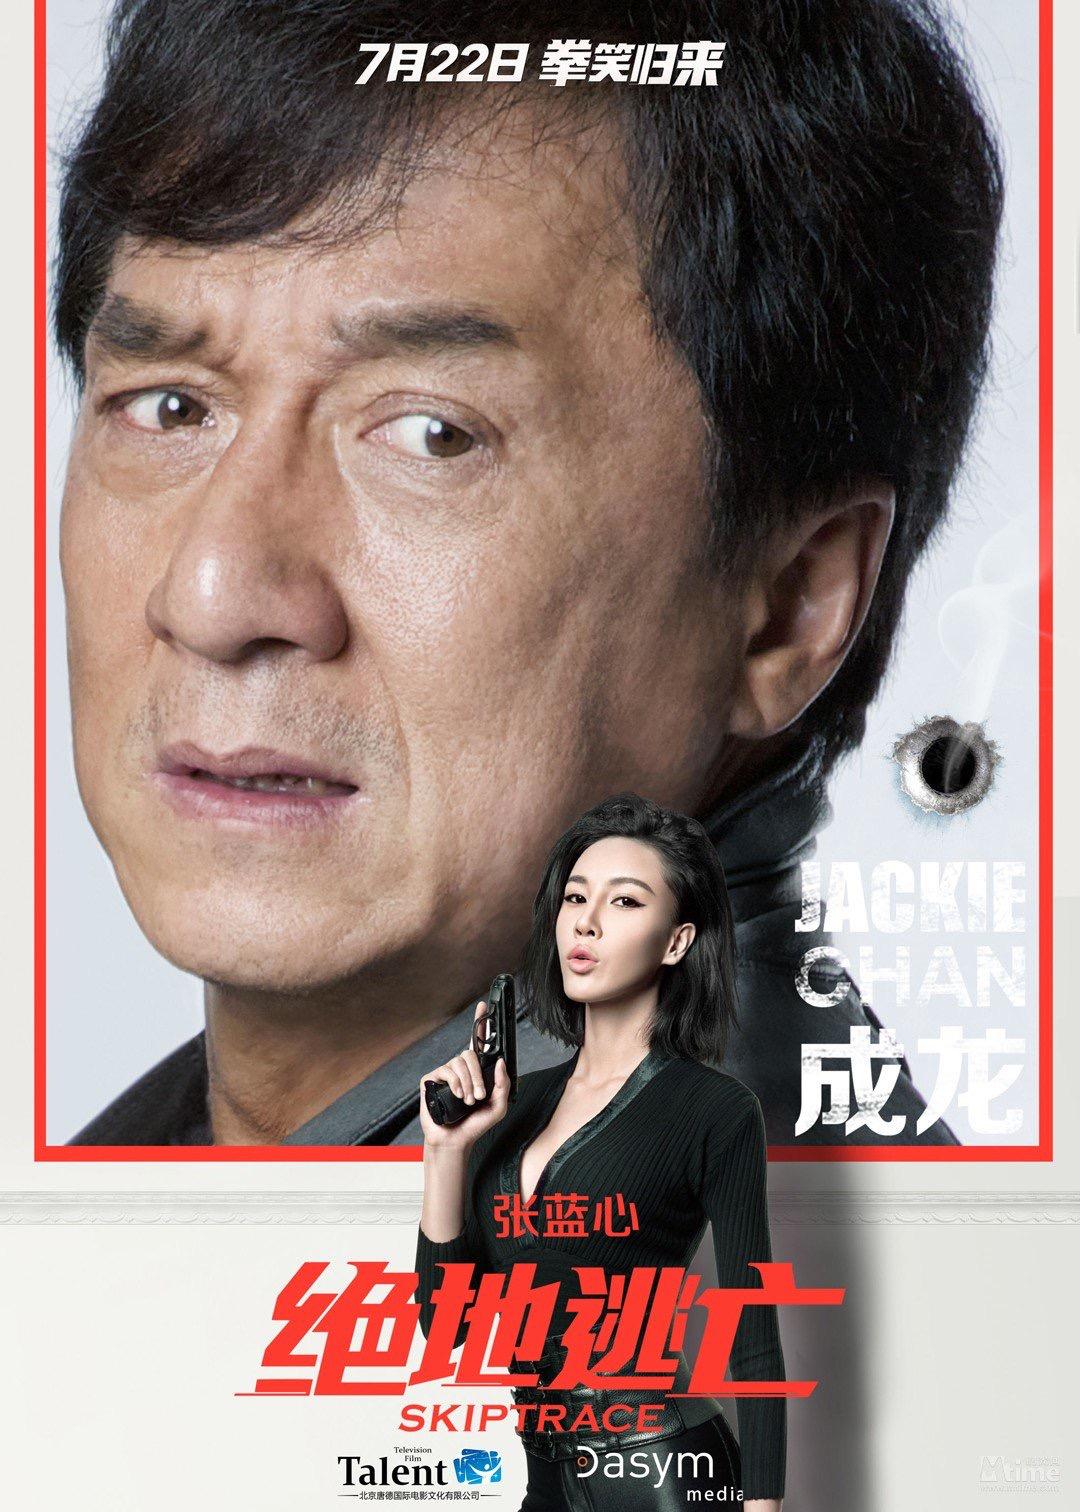 Трейлеры и промо-материалы к грядущим фильмам Джеки Чана 9